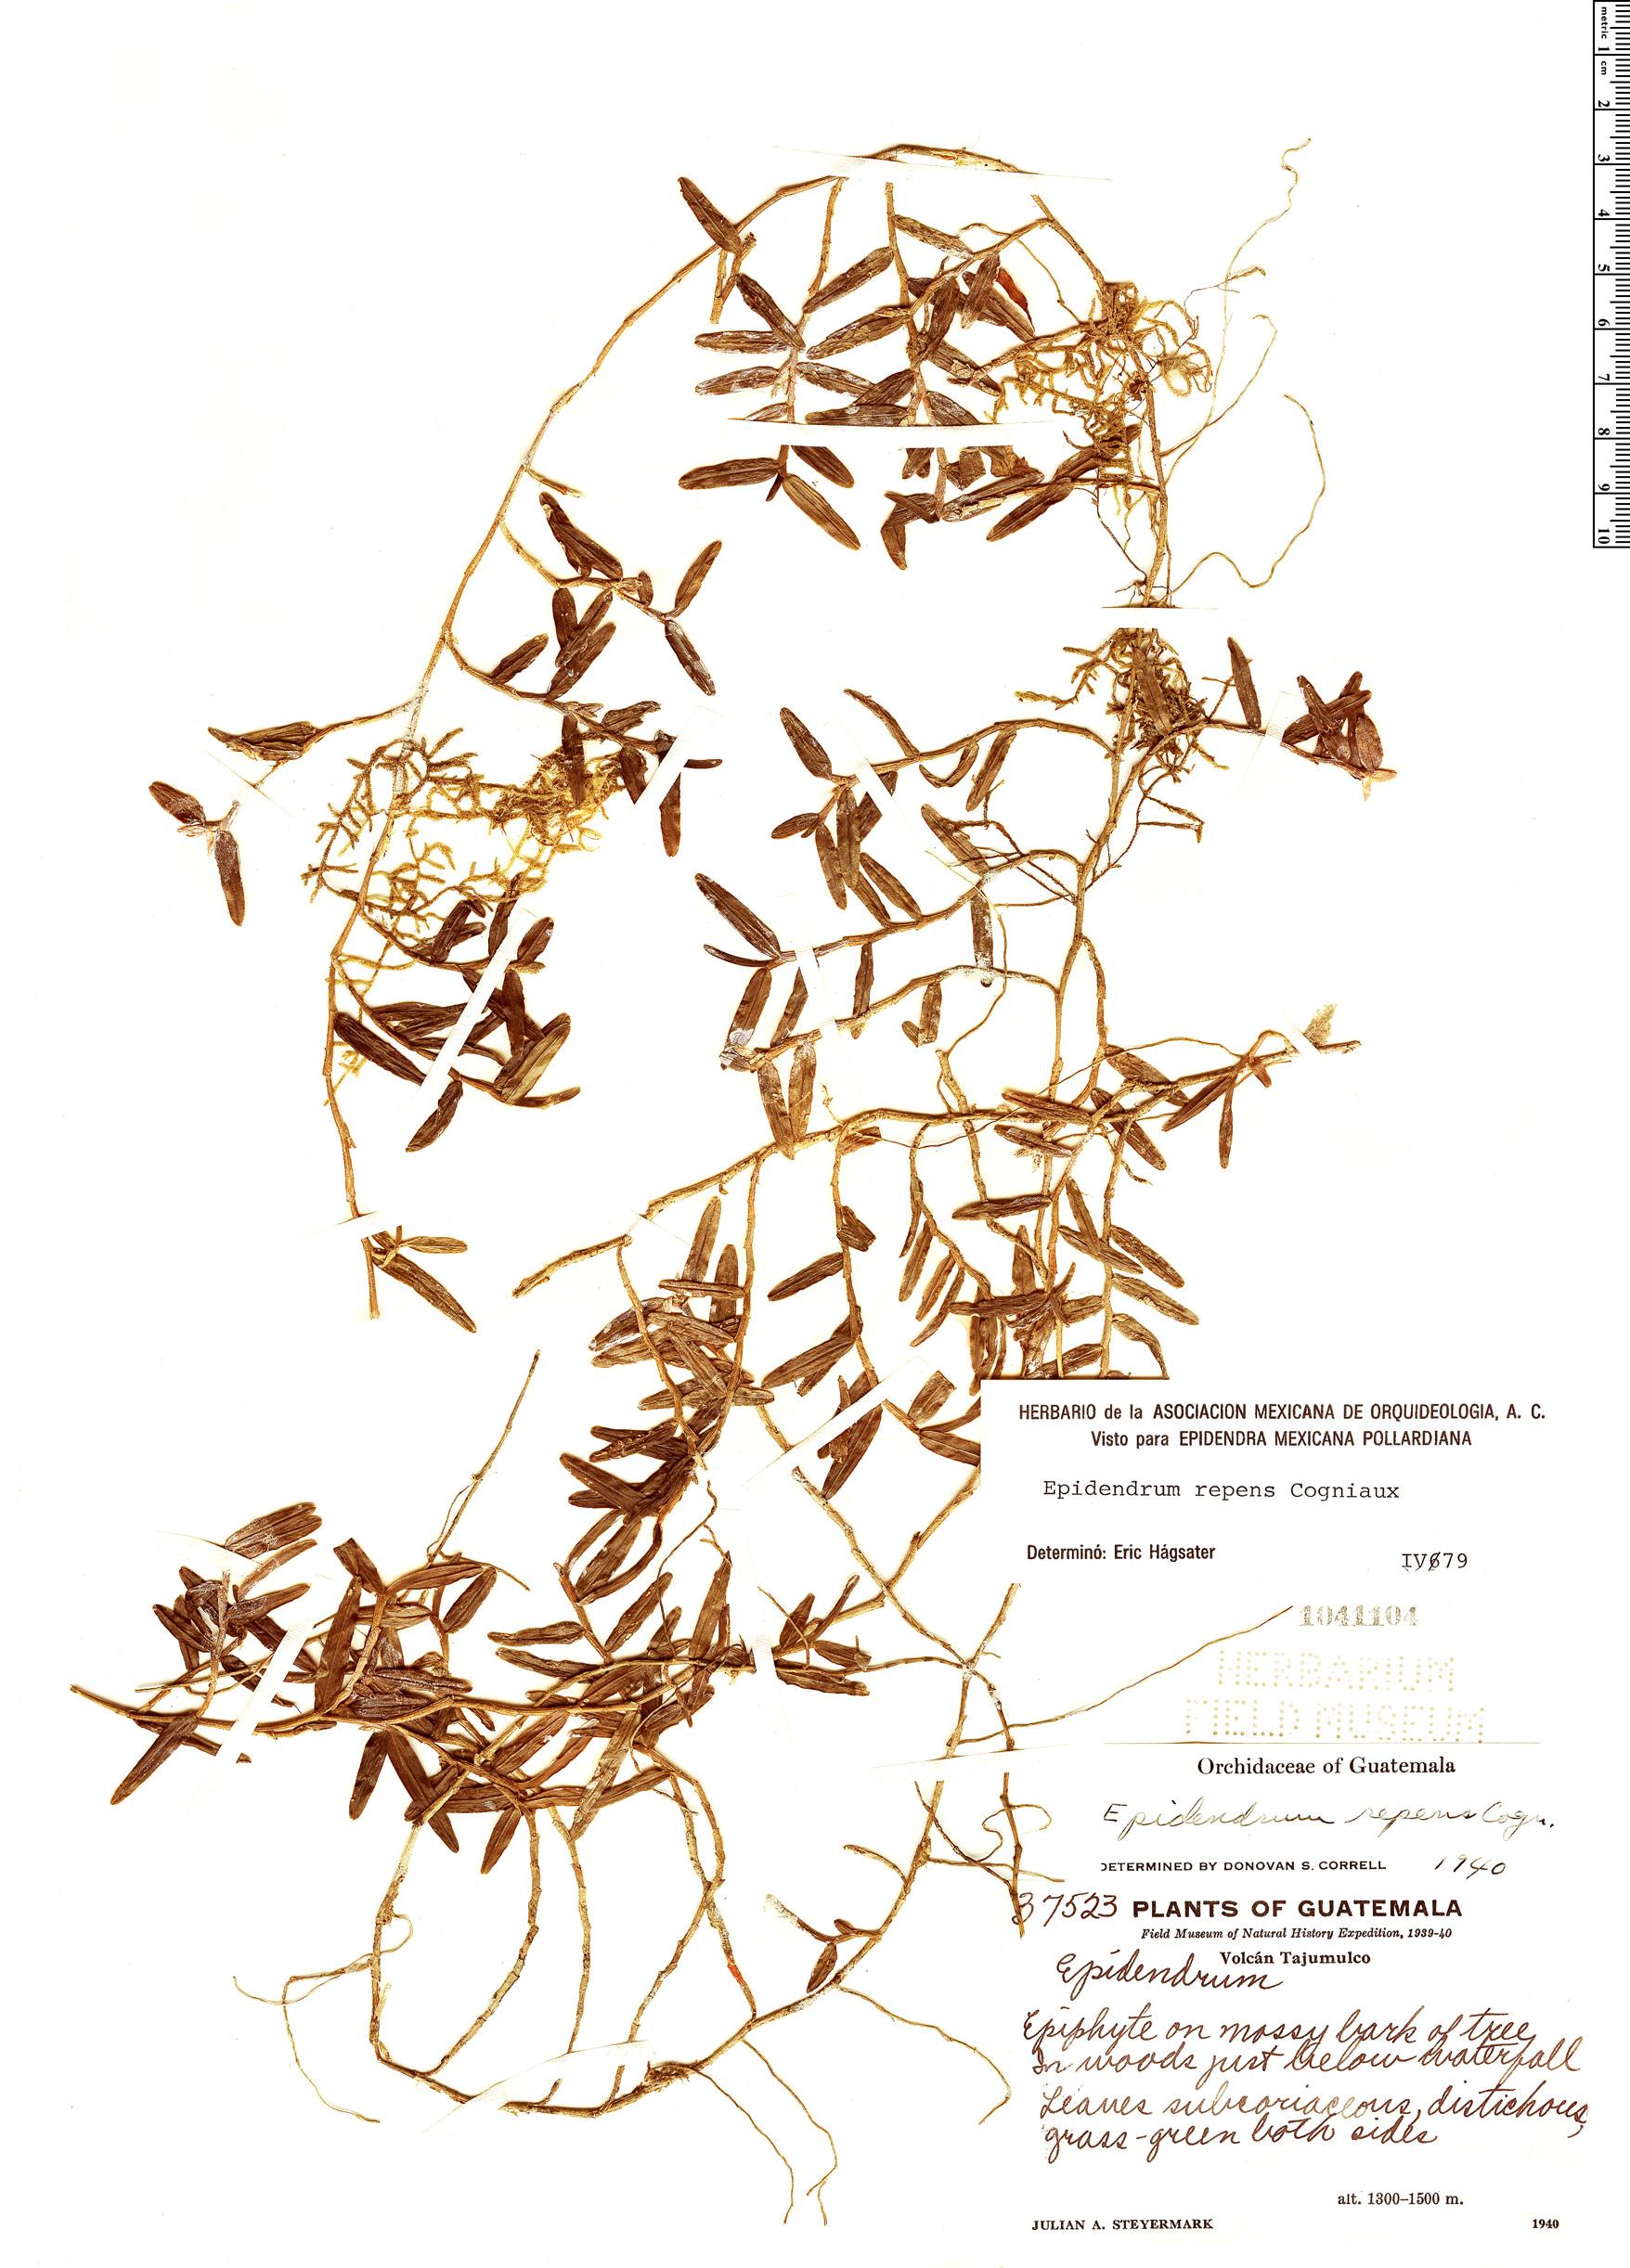 Specimen: Epidendrum repens